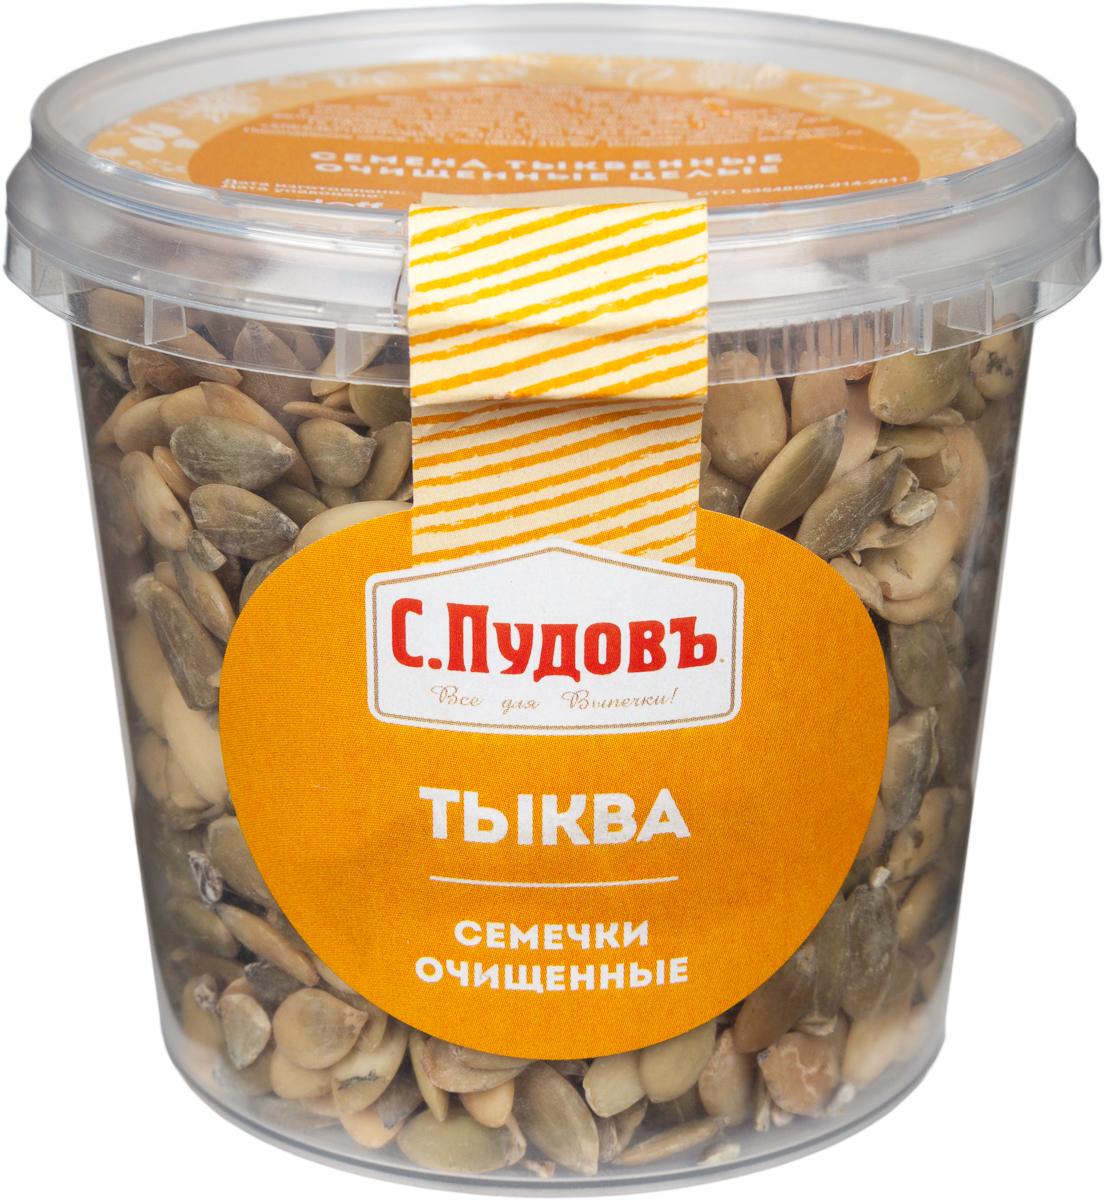 Пудовъ семена тыквенные очищенные целые, 180 г семена семко в новосибирске